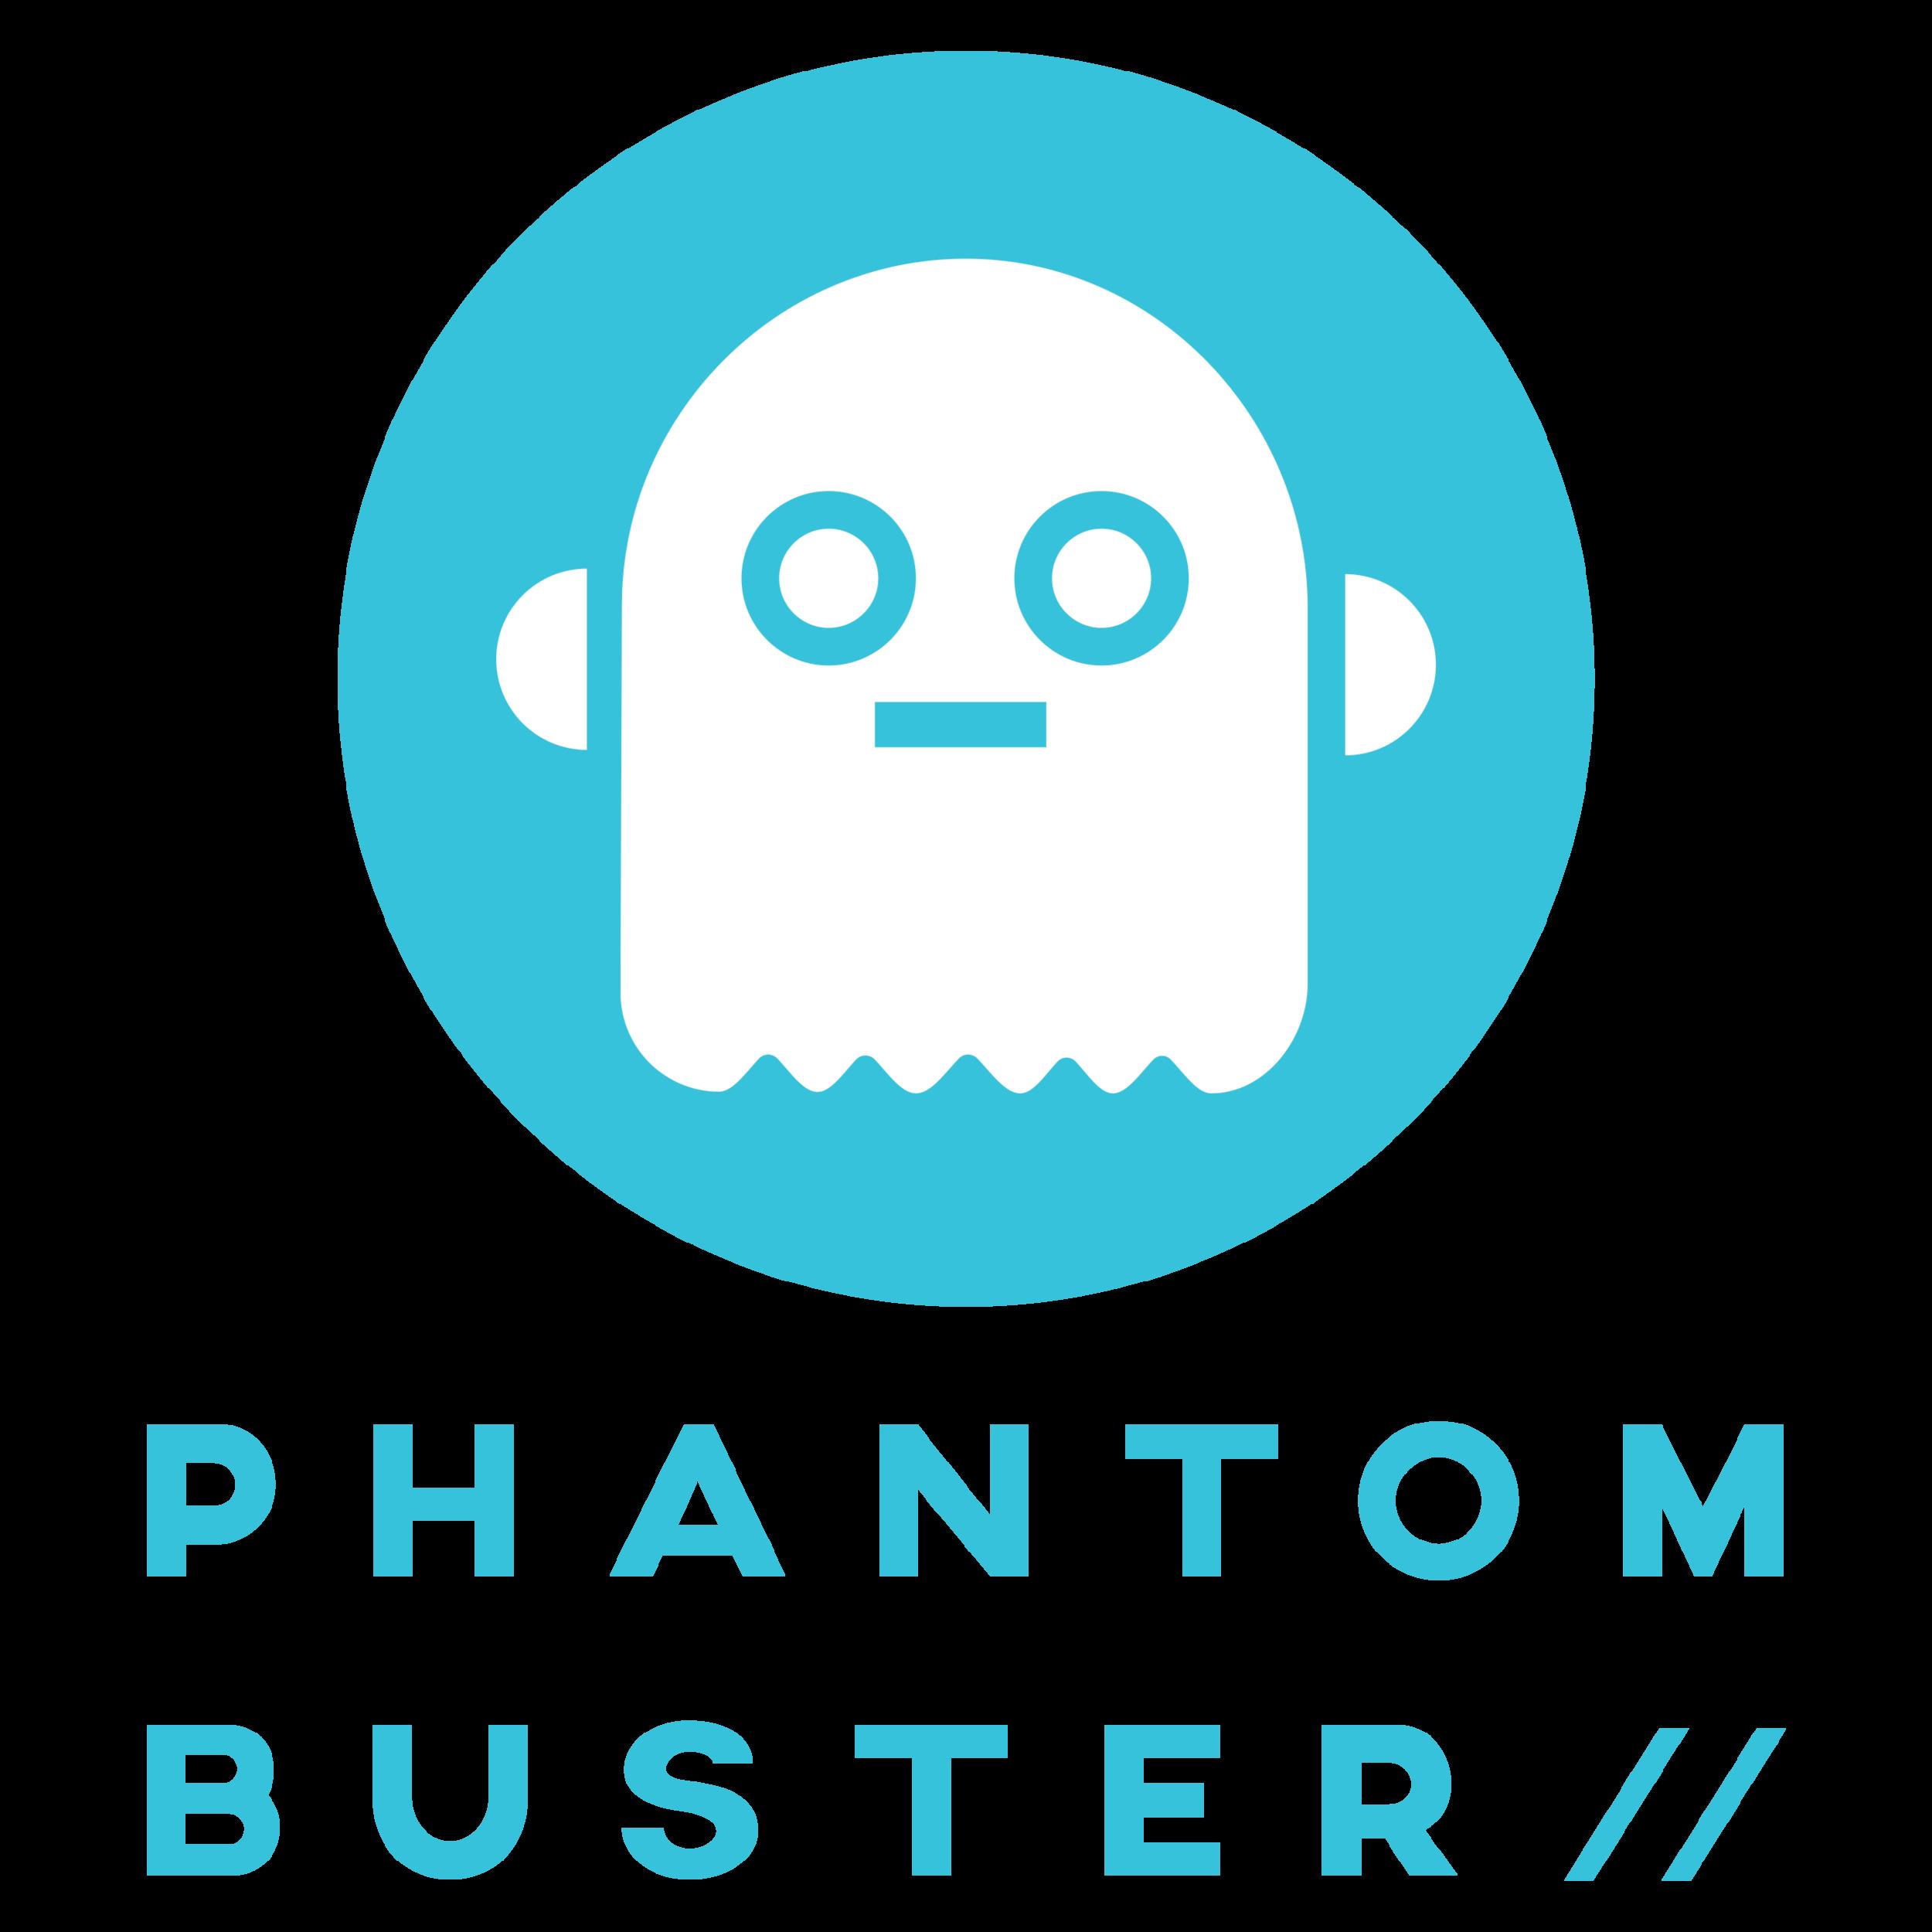 Phantombuster-logo.png